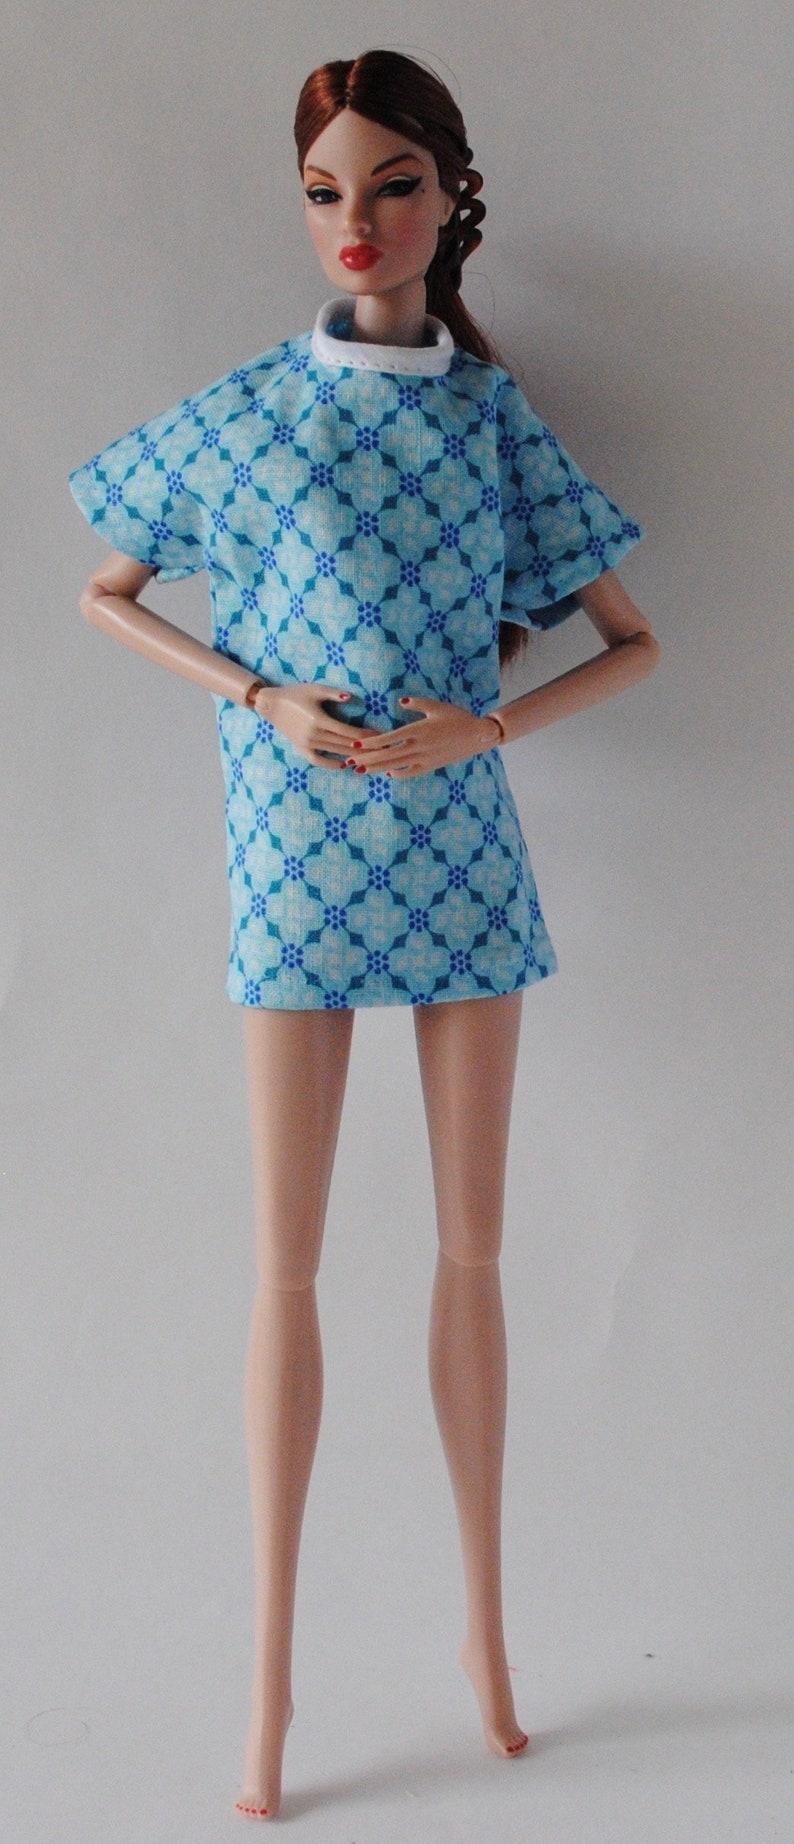 47e2fc72bb6 Lhôpital Barbie robe bleus vêtements fait main Patient